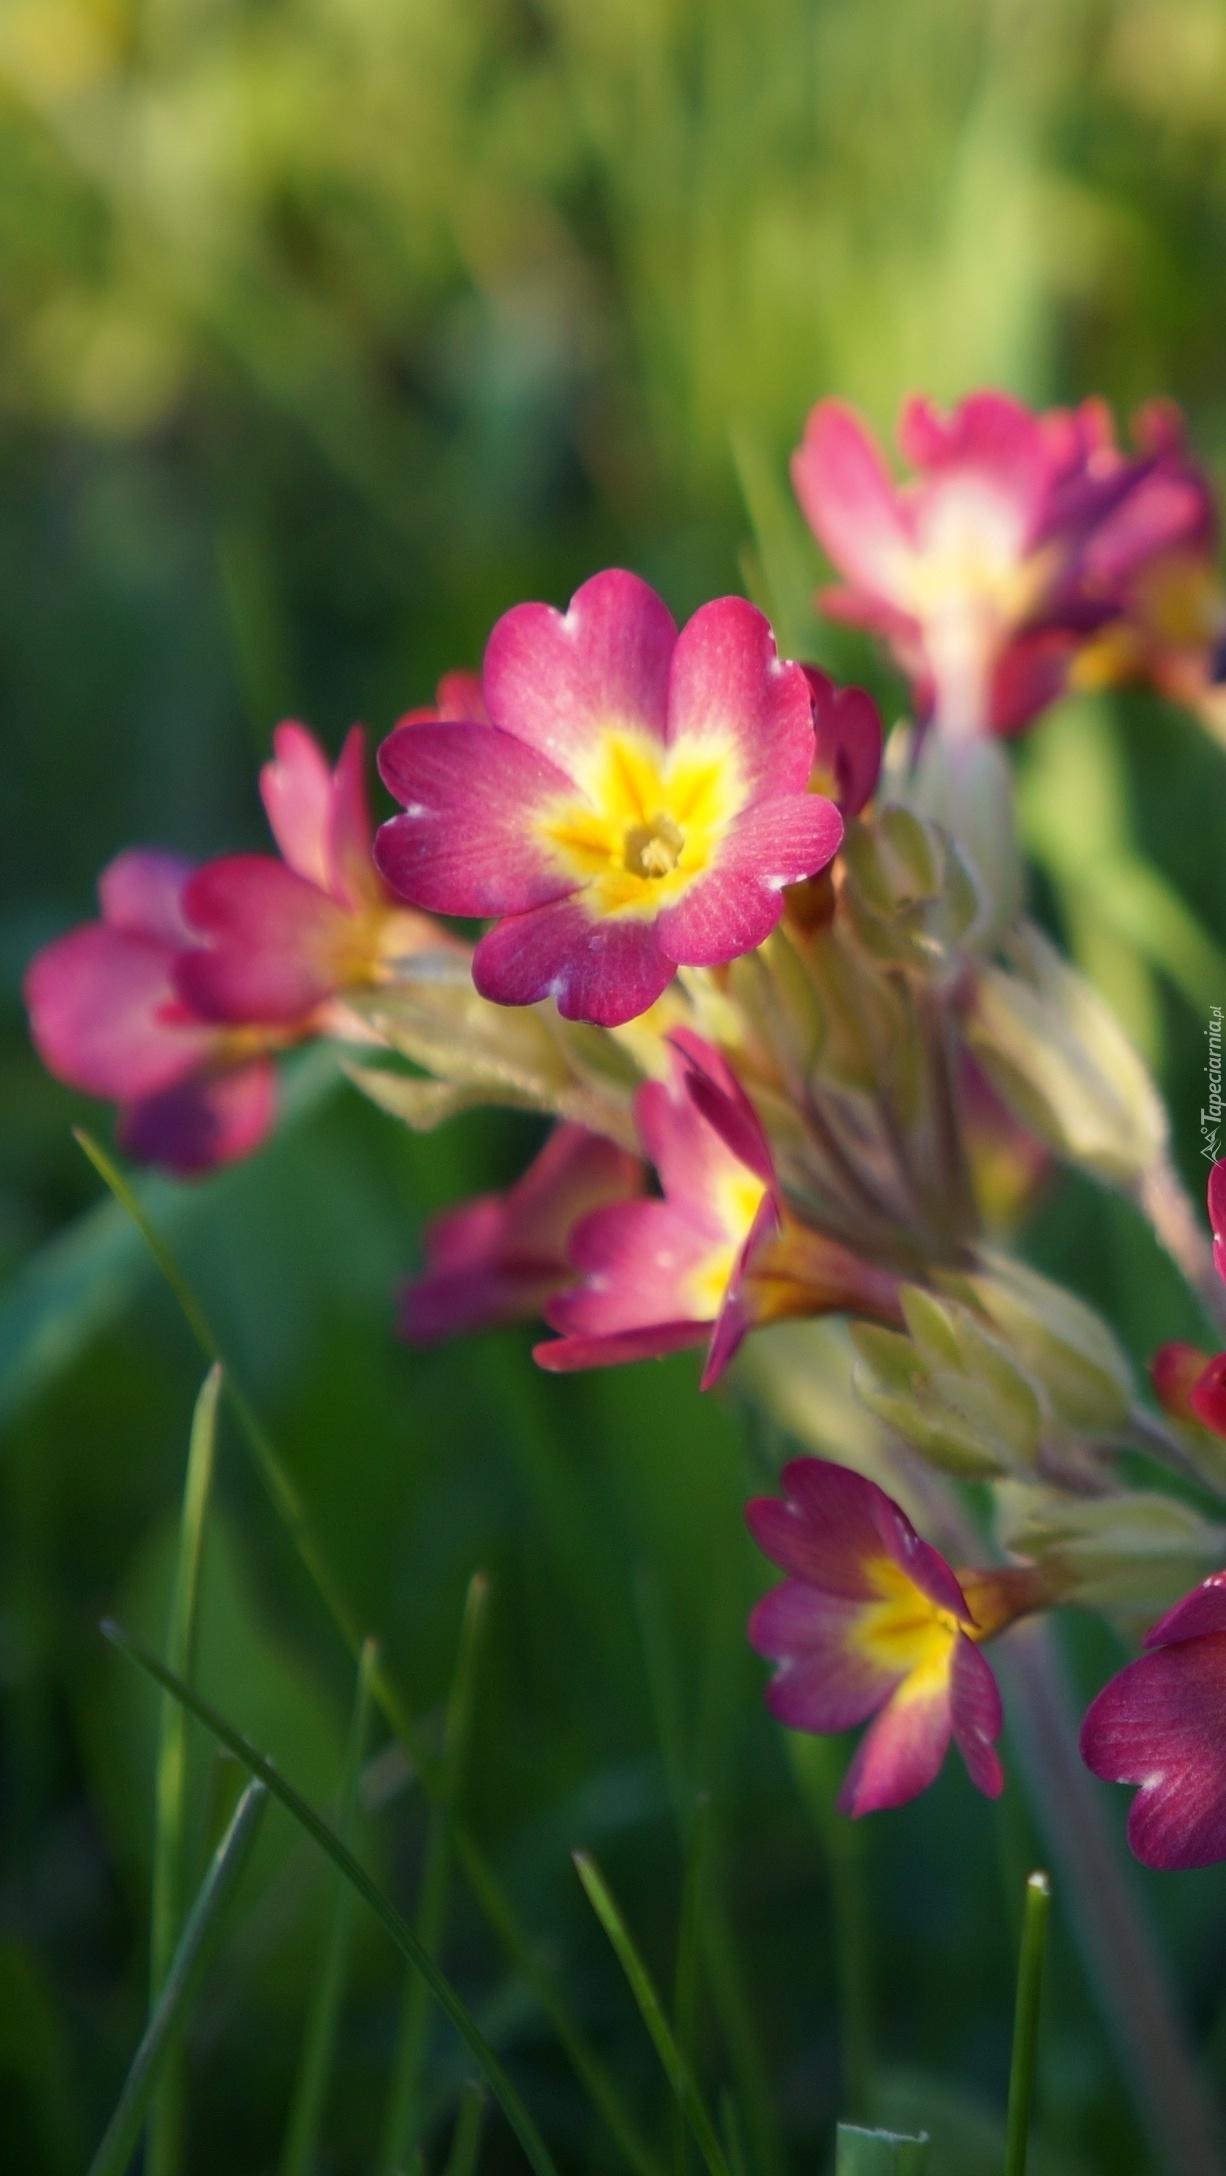 Wiosenne pierwiosnki zakwitły